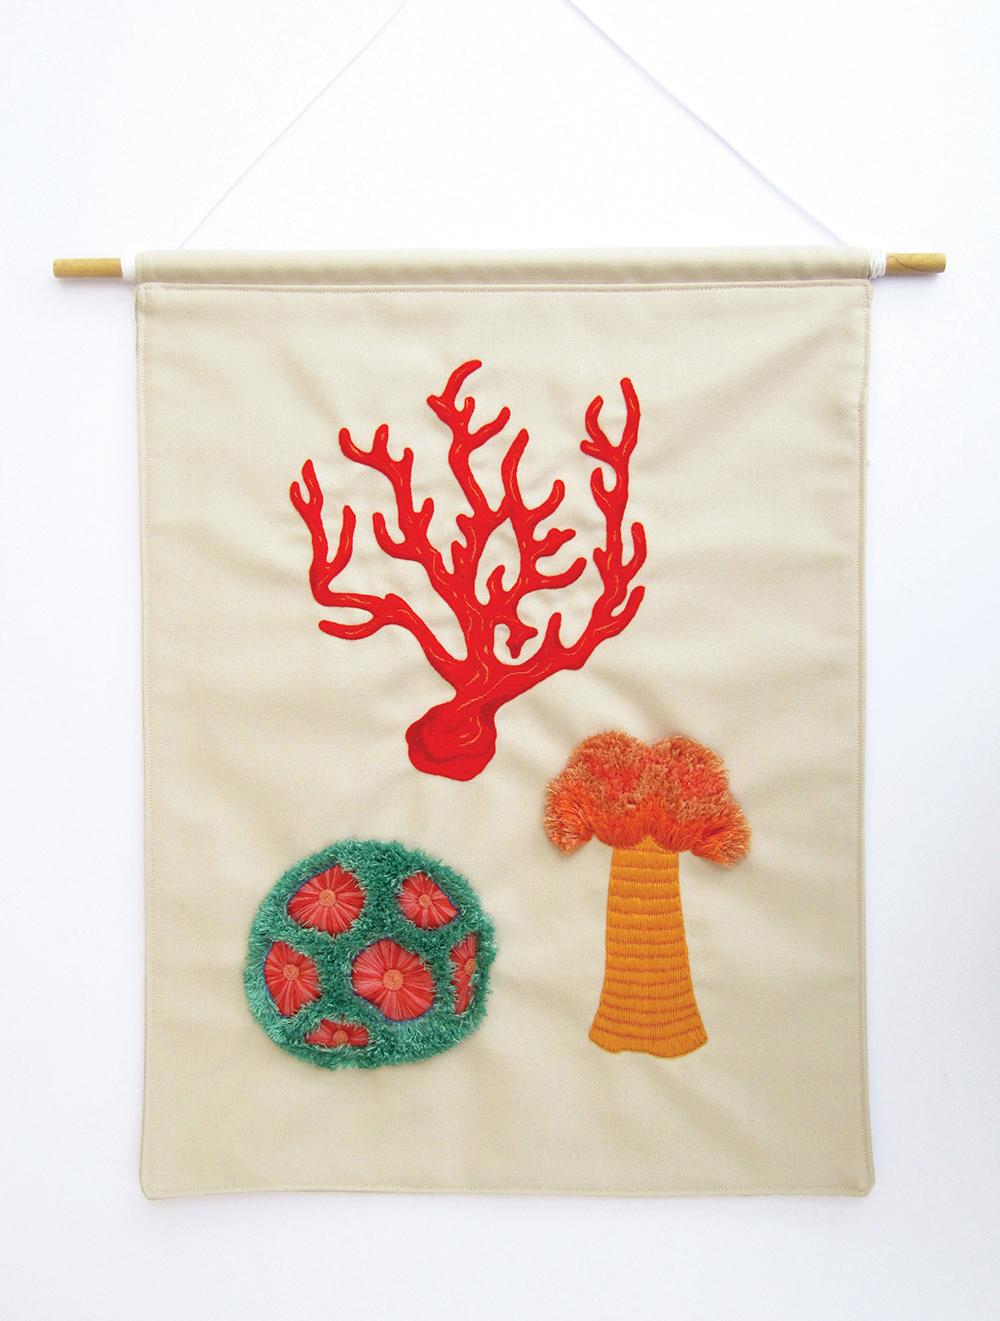 NatalieRowe-Stitches-Three Corals-2.jpg